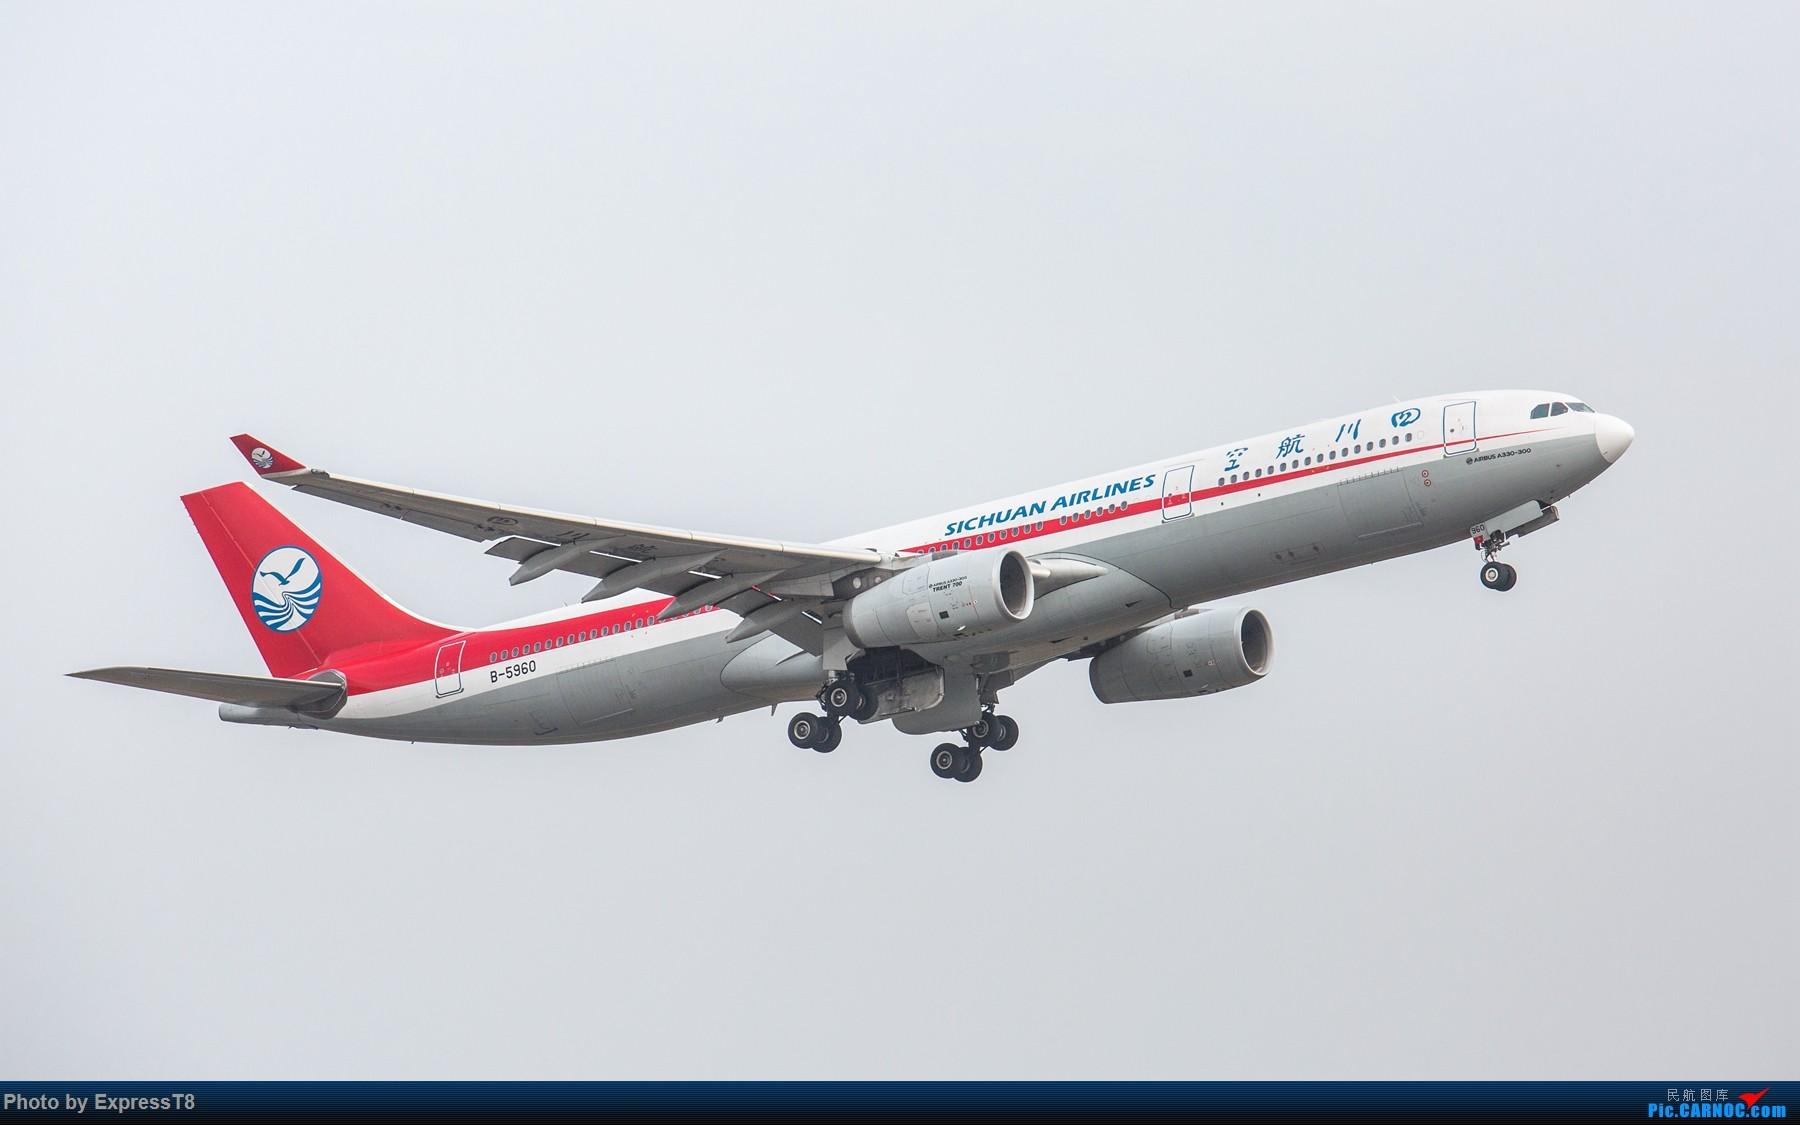 Re:[原创]11.26 CTU 向南运行 AIRBUS A330-300 B-5960 中国成都双流国际机场